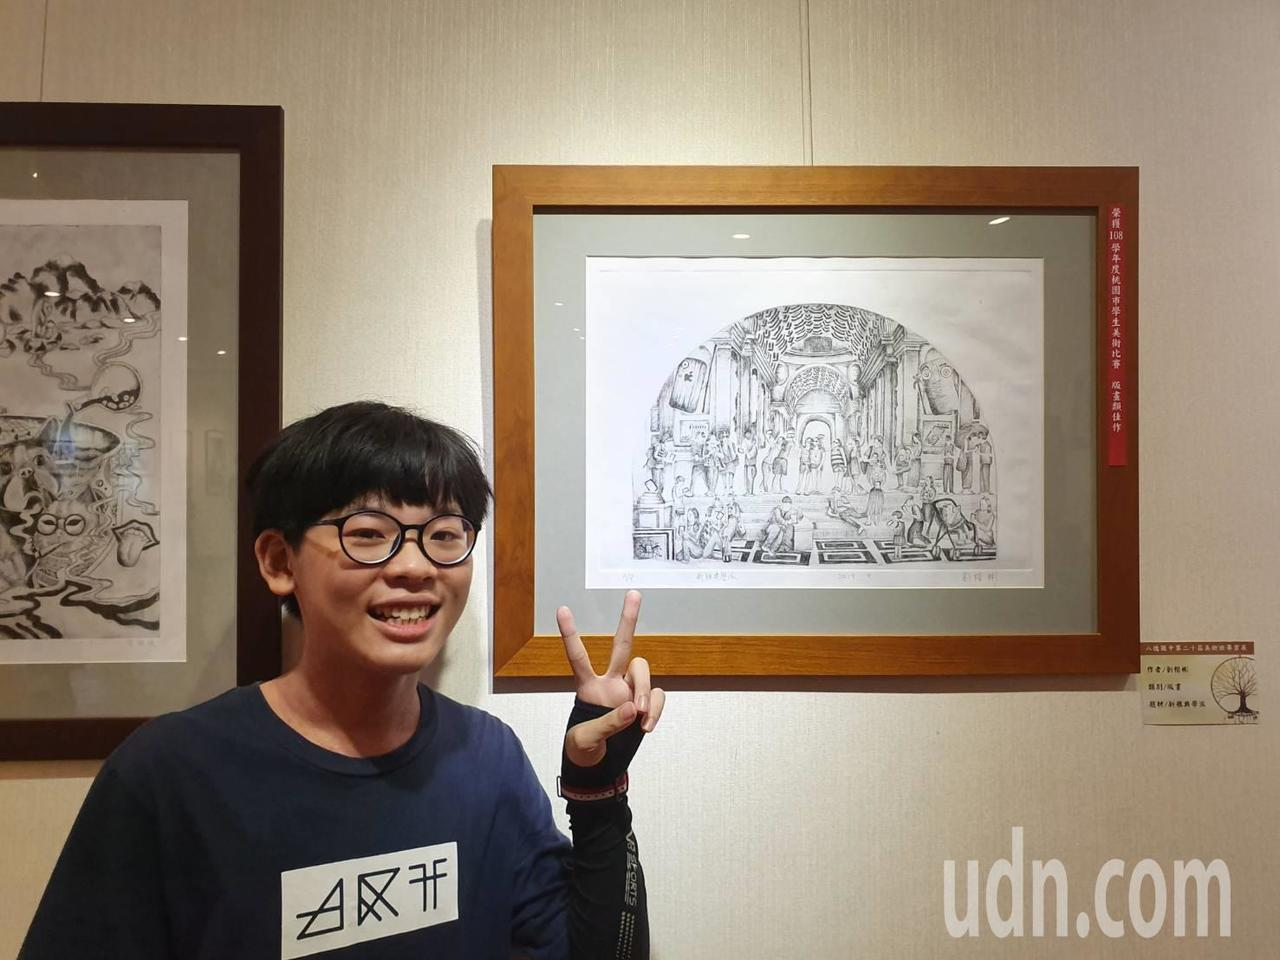 學生劉楷彬作品「新典雅學派」創作靈感來自現代社會充斥3C產品、人手一隻手機,對於...